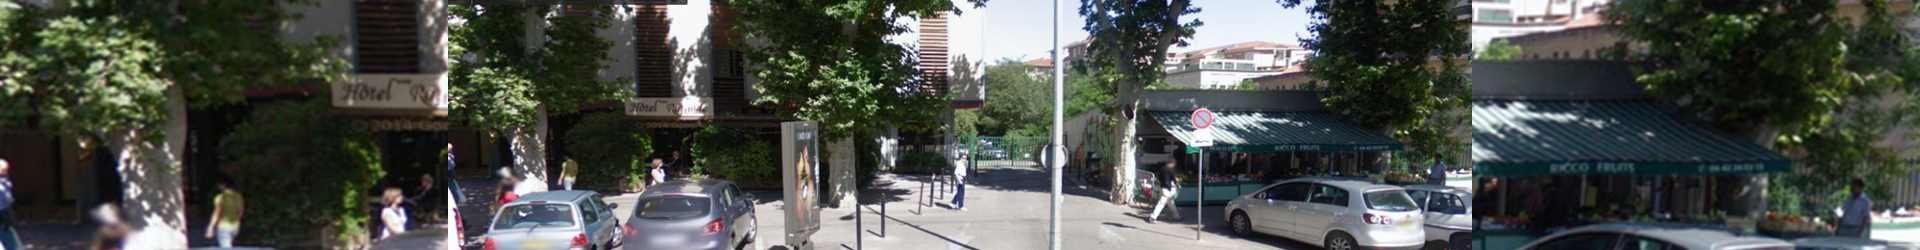 Bandeau école Adonis Aix-en-Provence